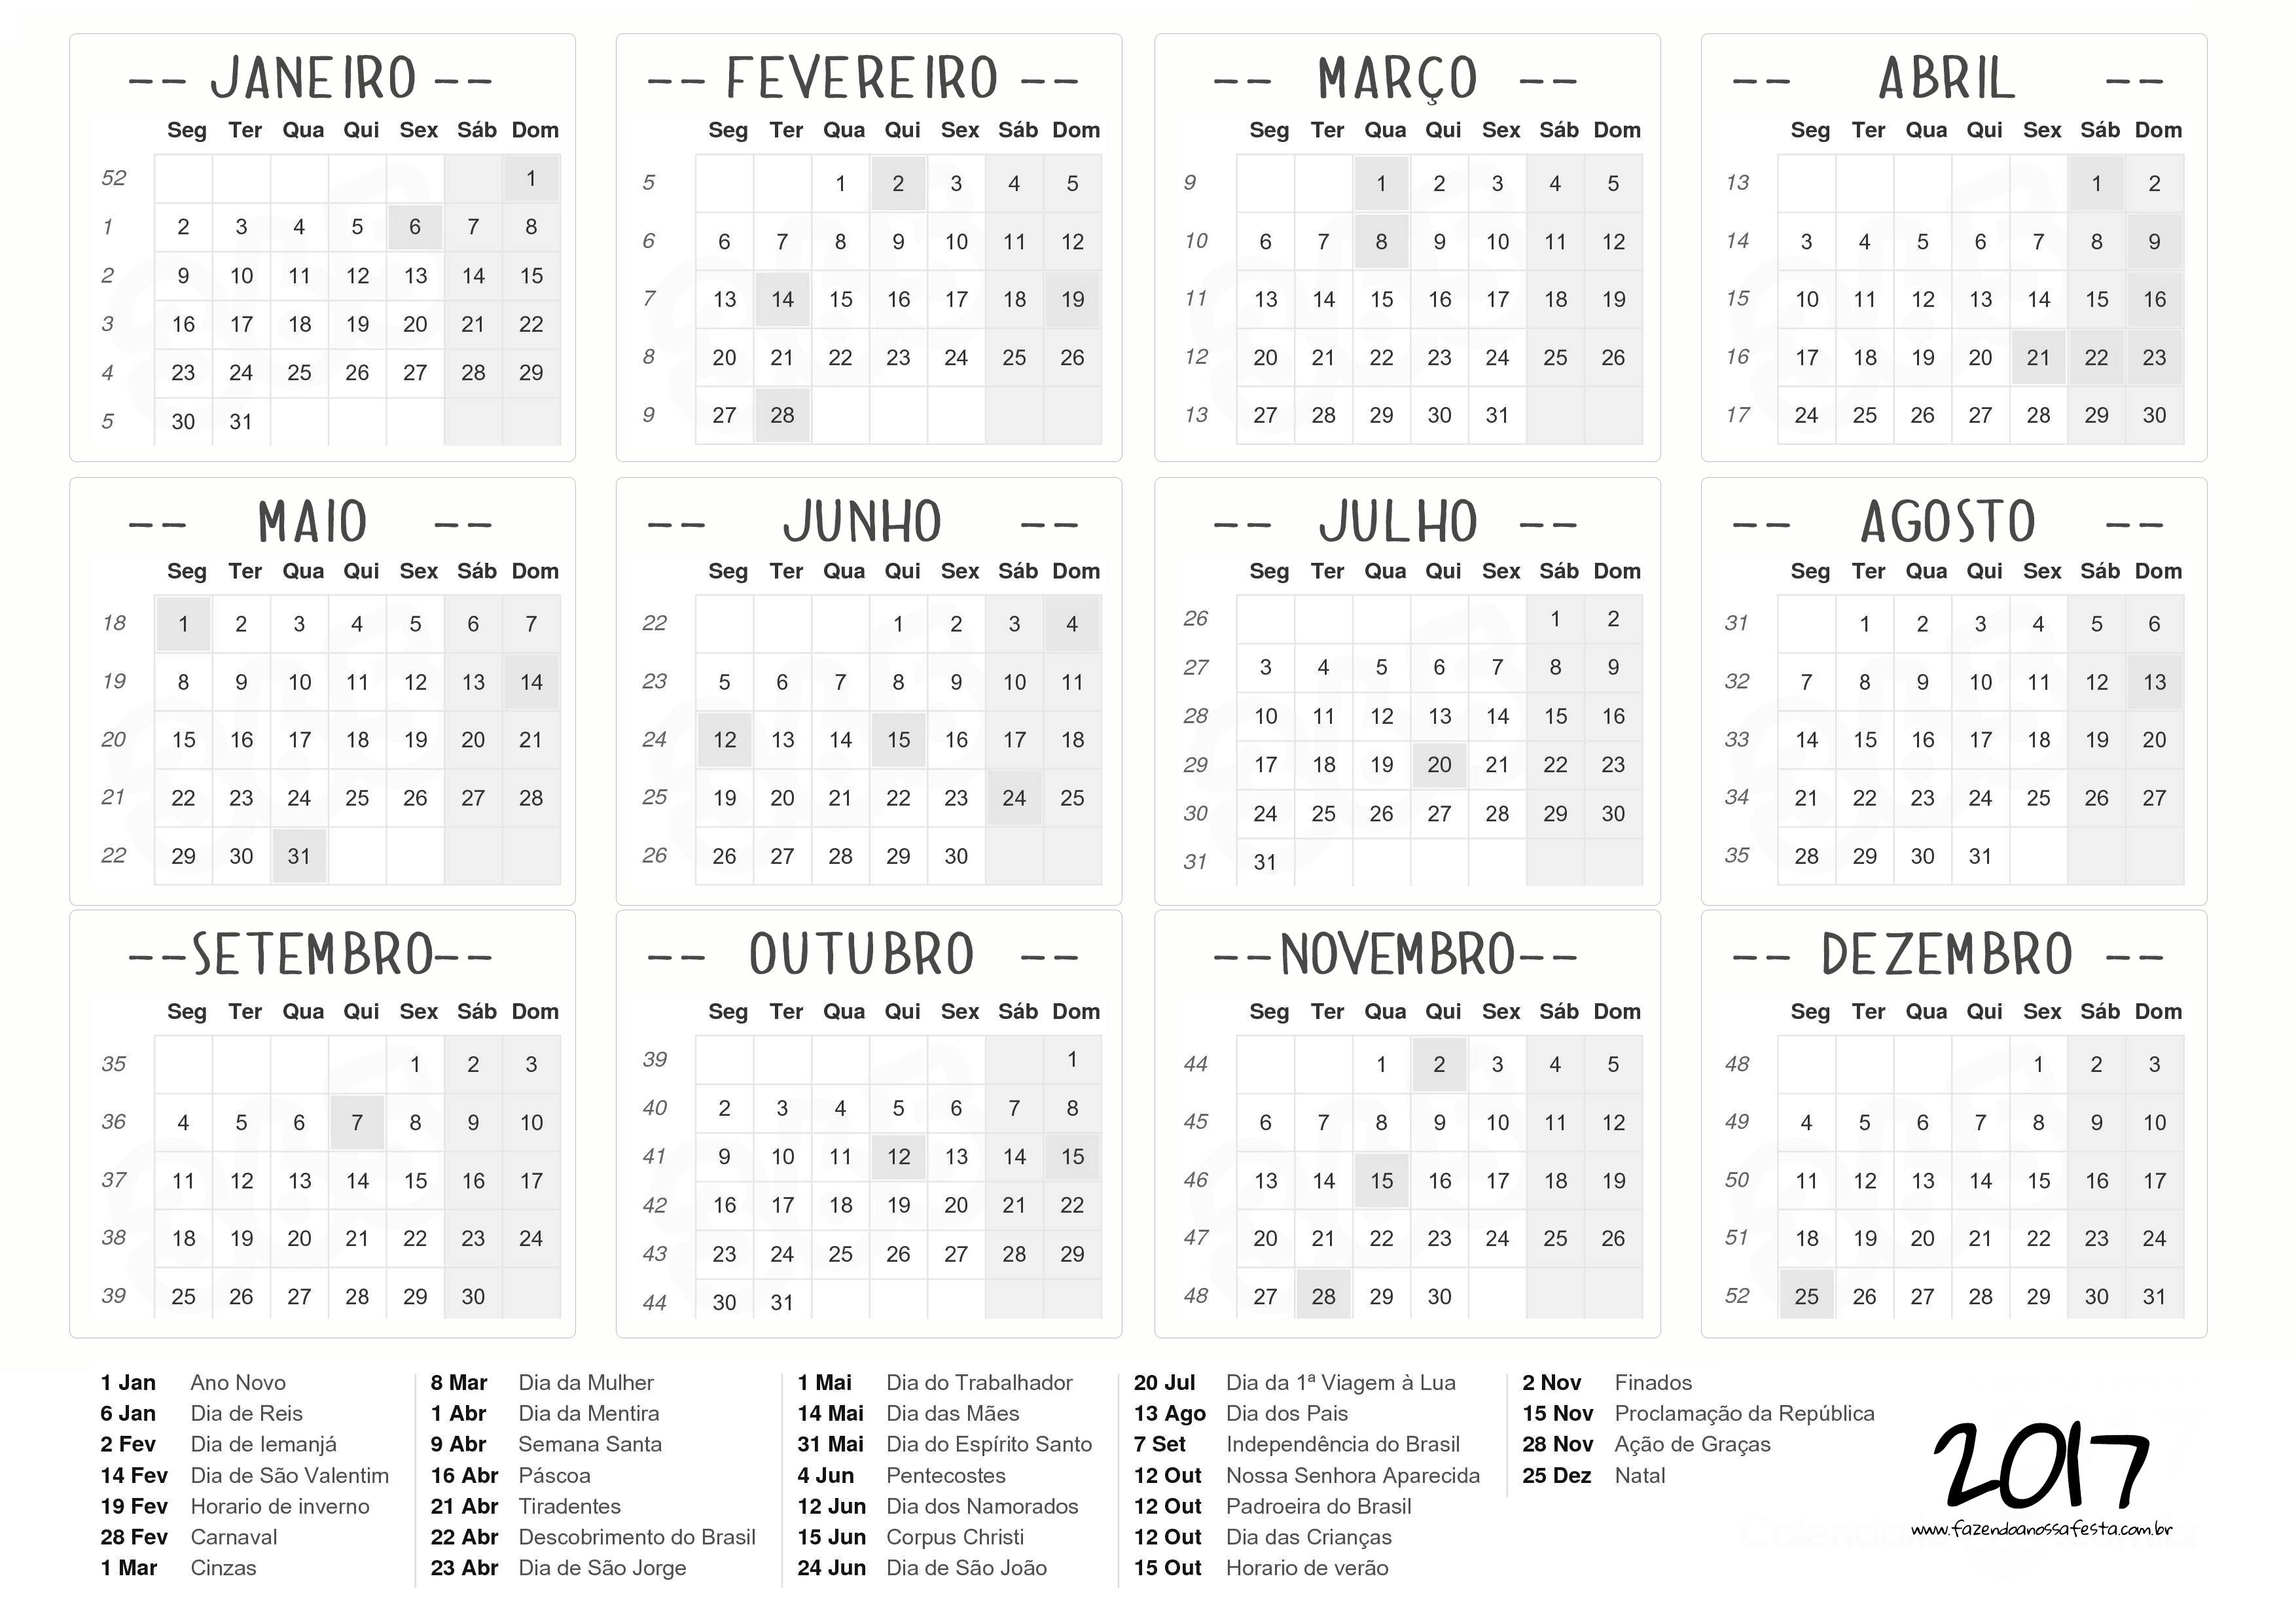 Calendario 2017 para personalizar - Fazendo a Nossa Festa